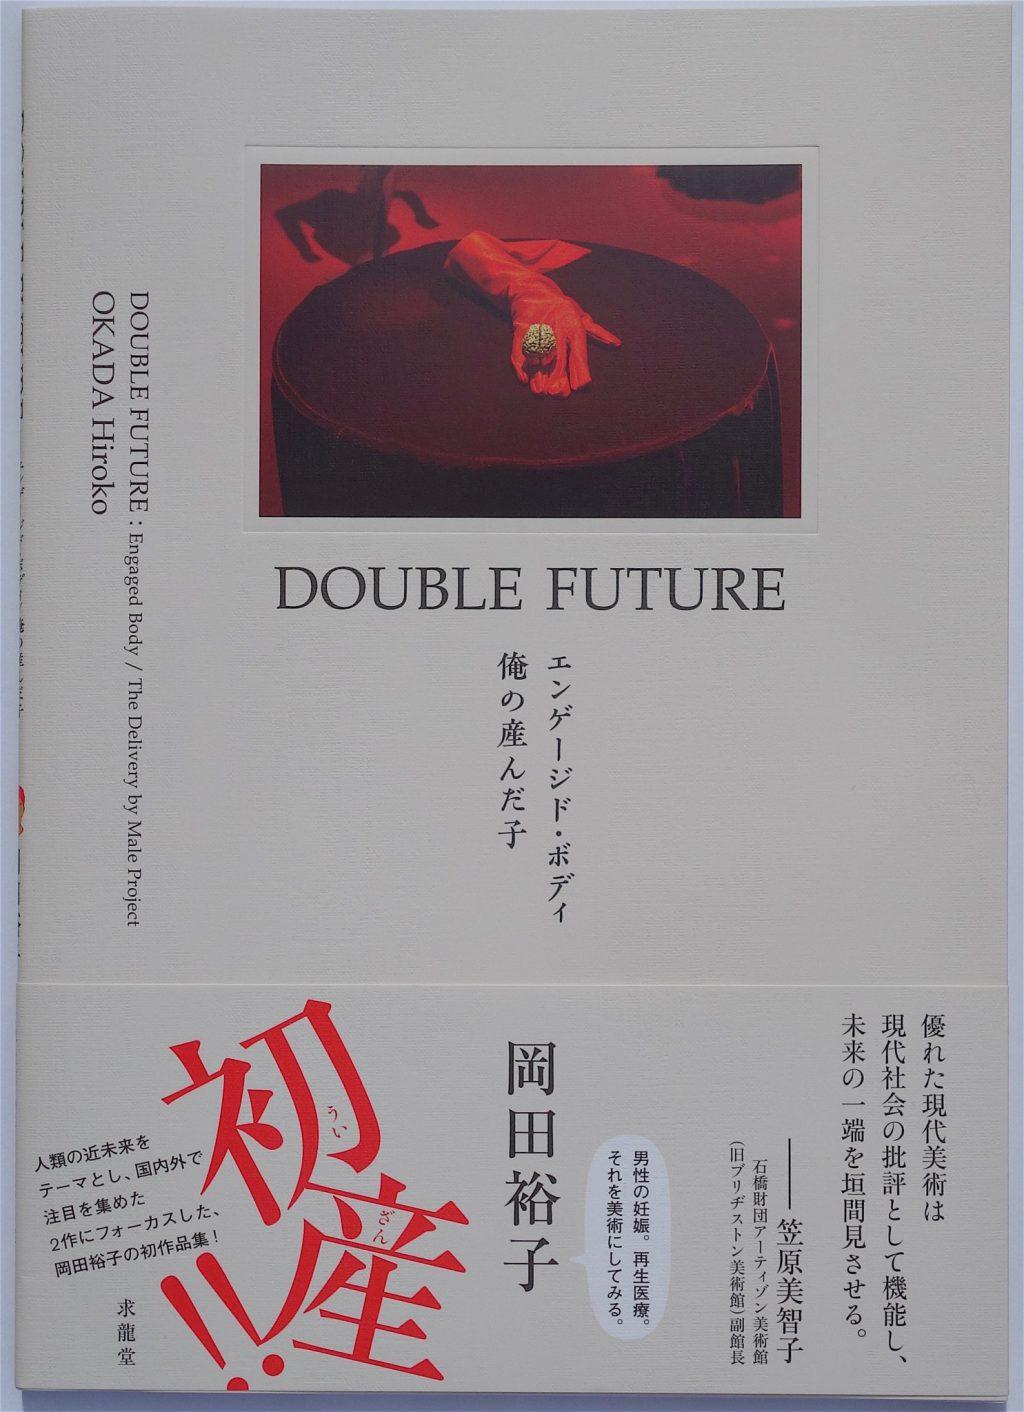 非常に強くおオススメの岡田裕子作品集「DOUBLE FUTURE― エンゲージド・:゙ディ: 俺の産んだ子」@ 求龍堂 出版社